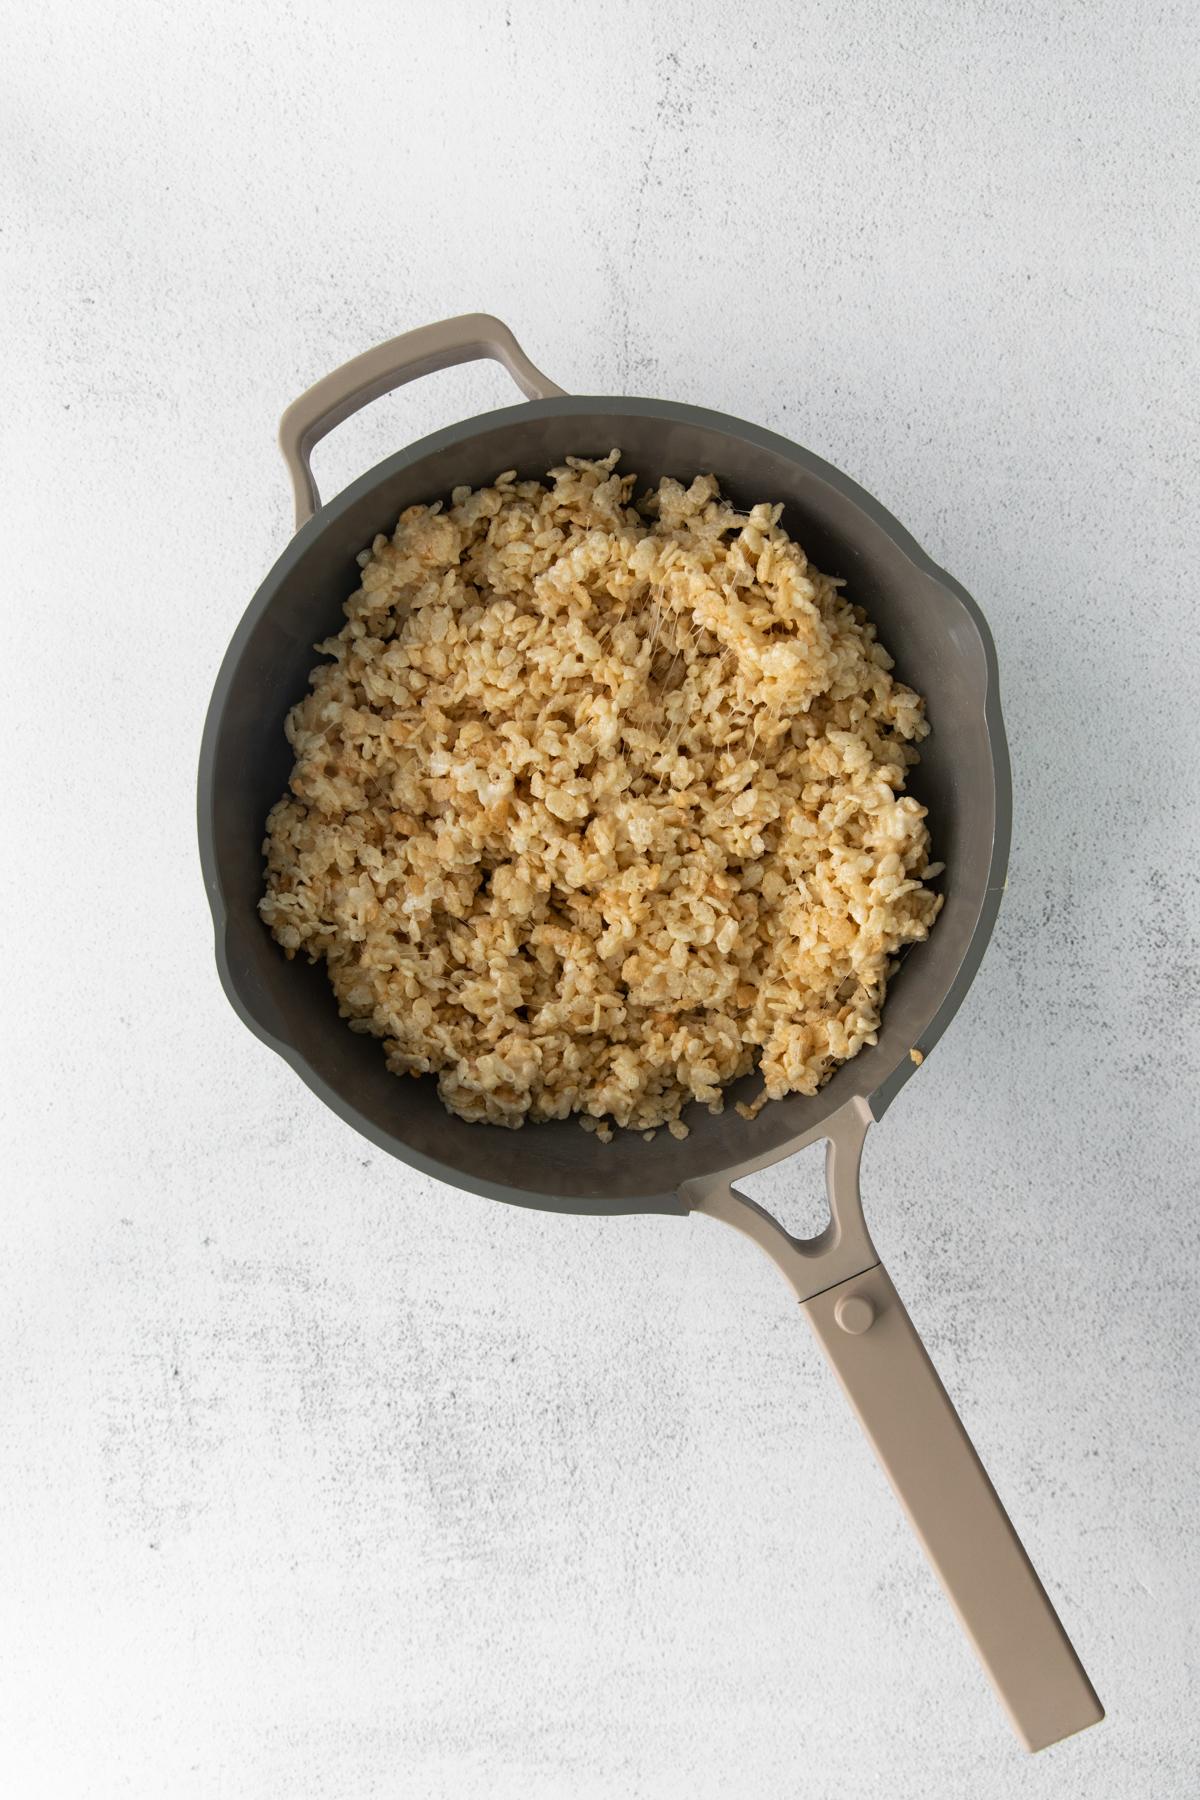 rice krispie treat mixture in a metal pan